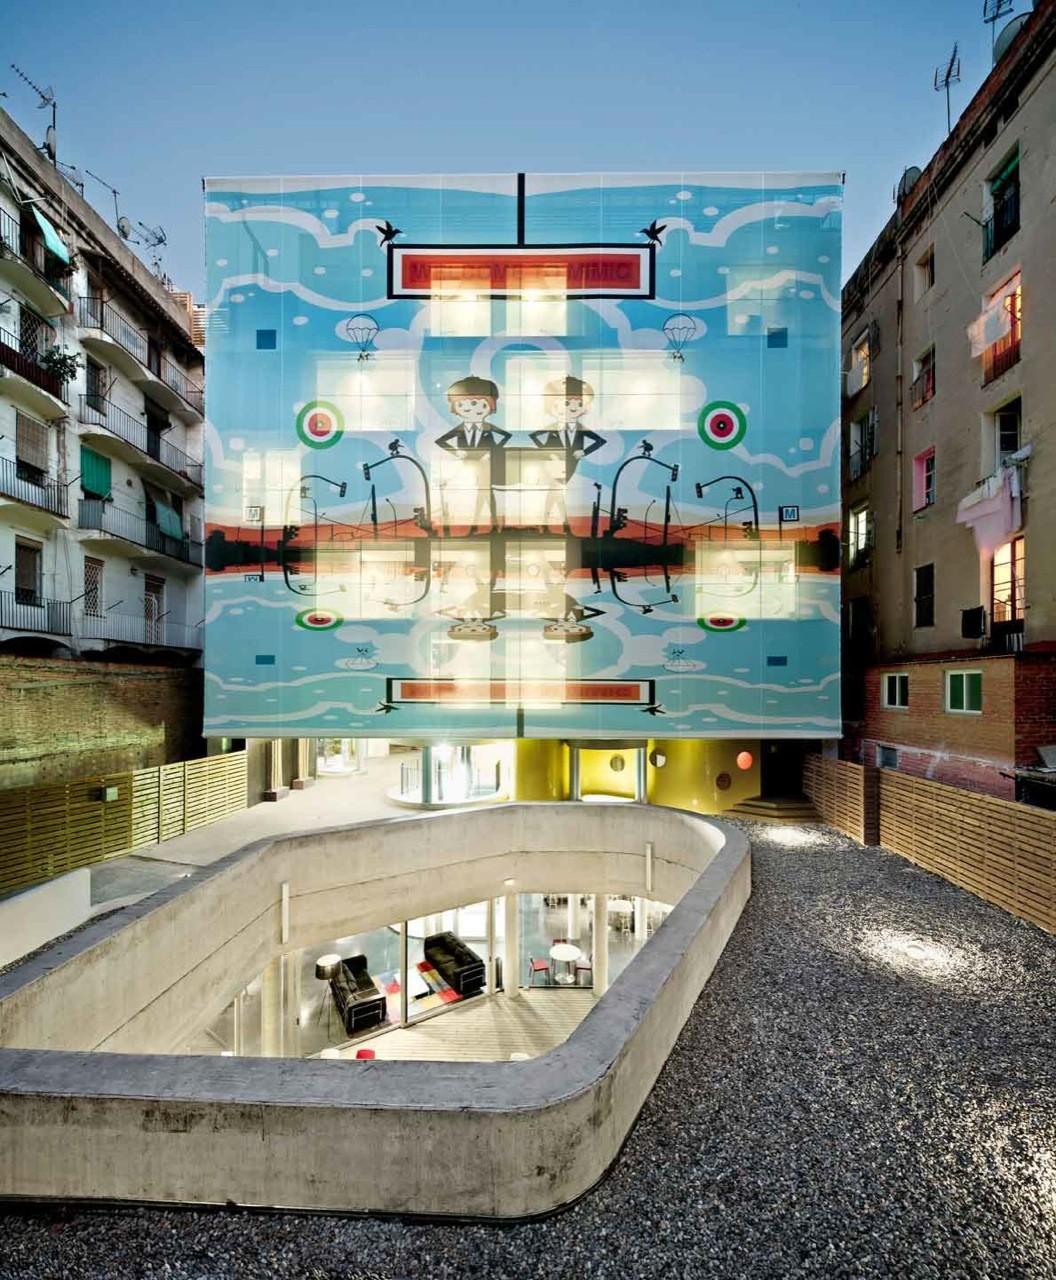 Hotel Arc del Teatre / EQUIP Xavier Claramunt, © Adrià Goula